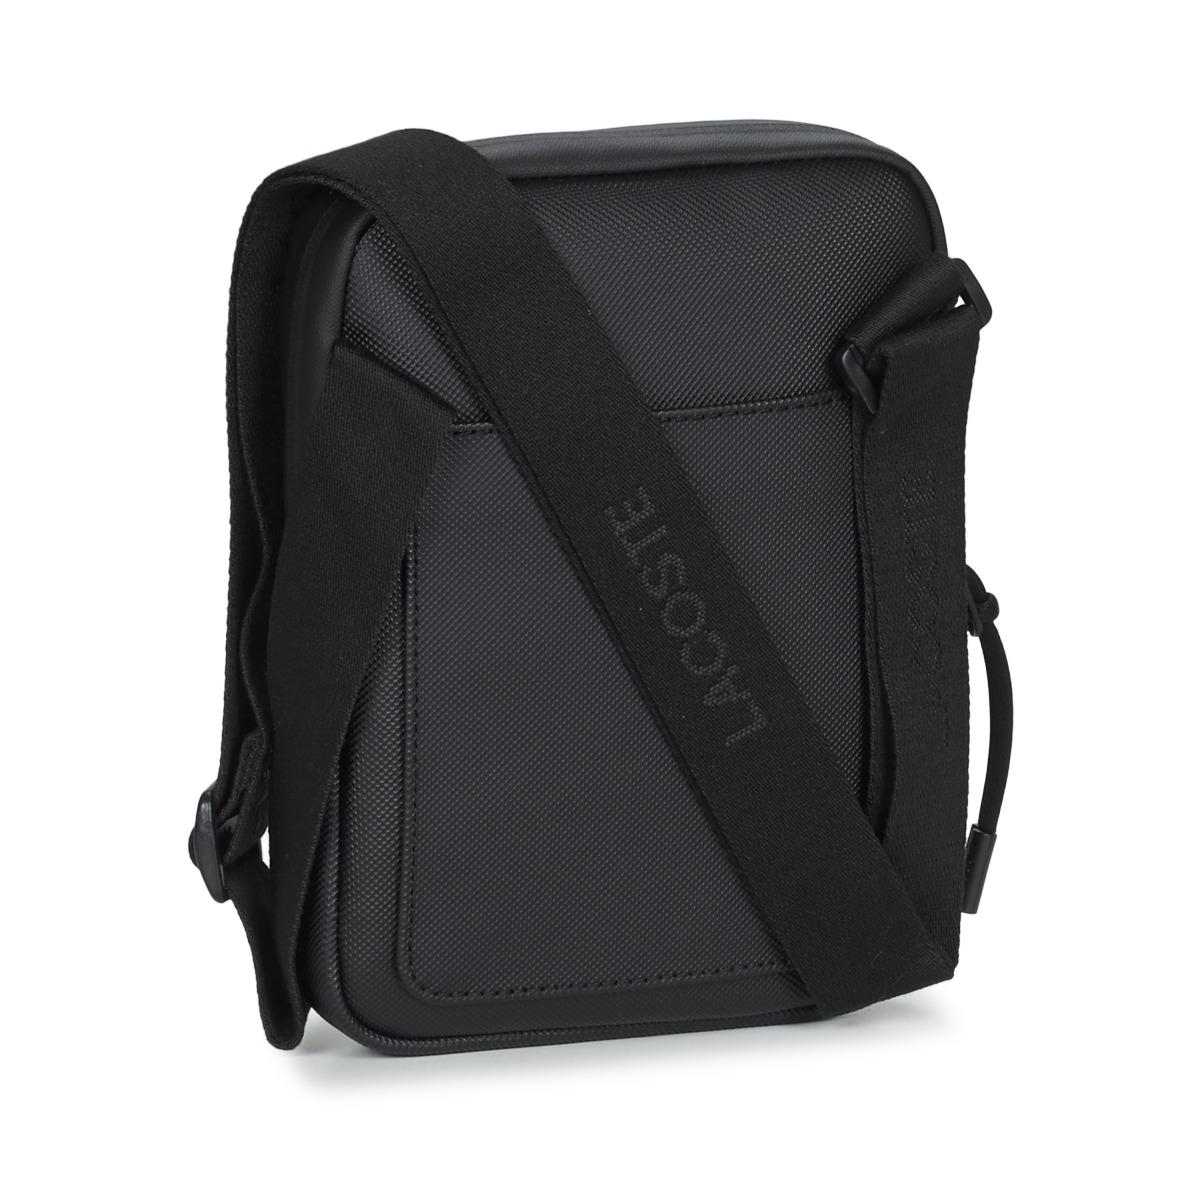 80c6974ce7 Lacoste - Black L 12 12 Concept Pouch for Men - Lyst. View fullscreen